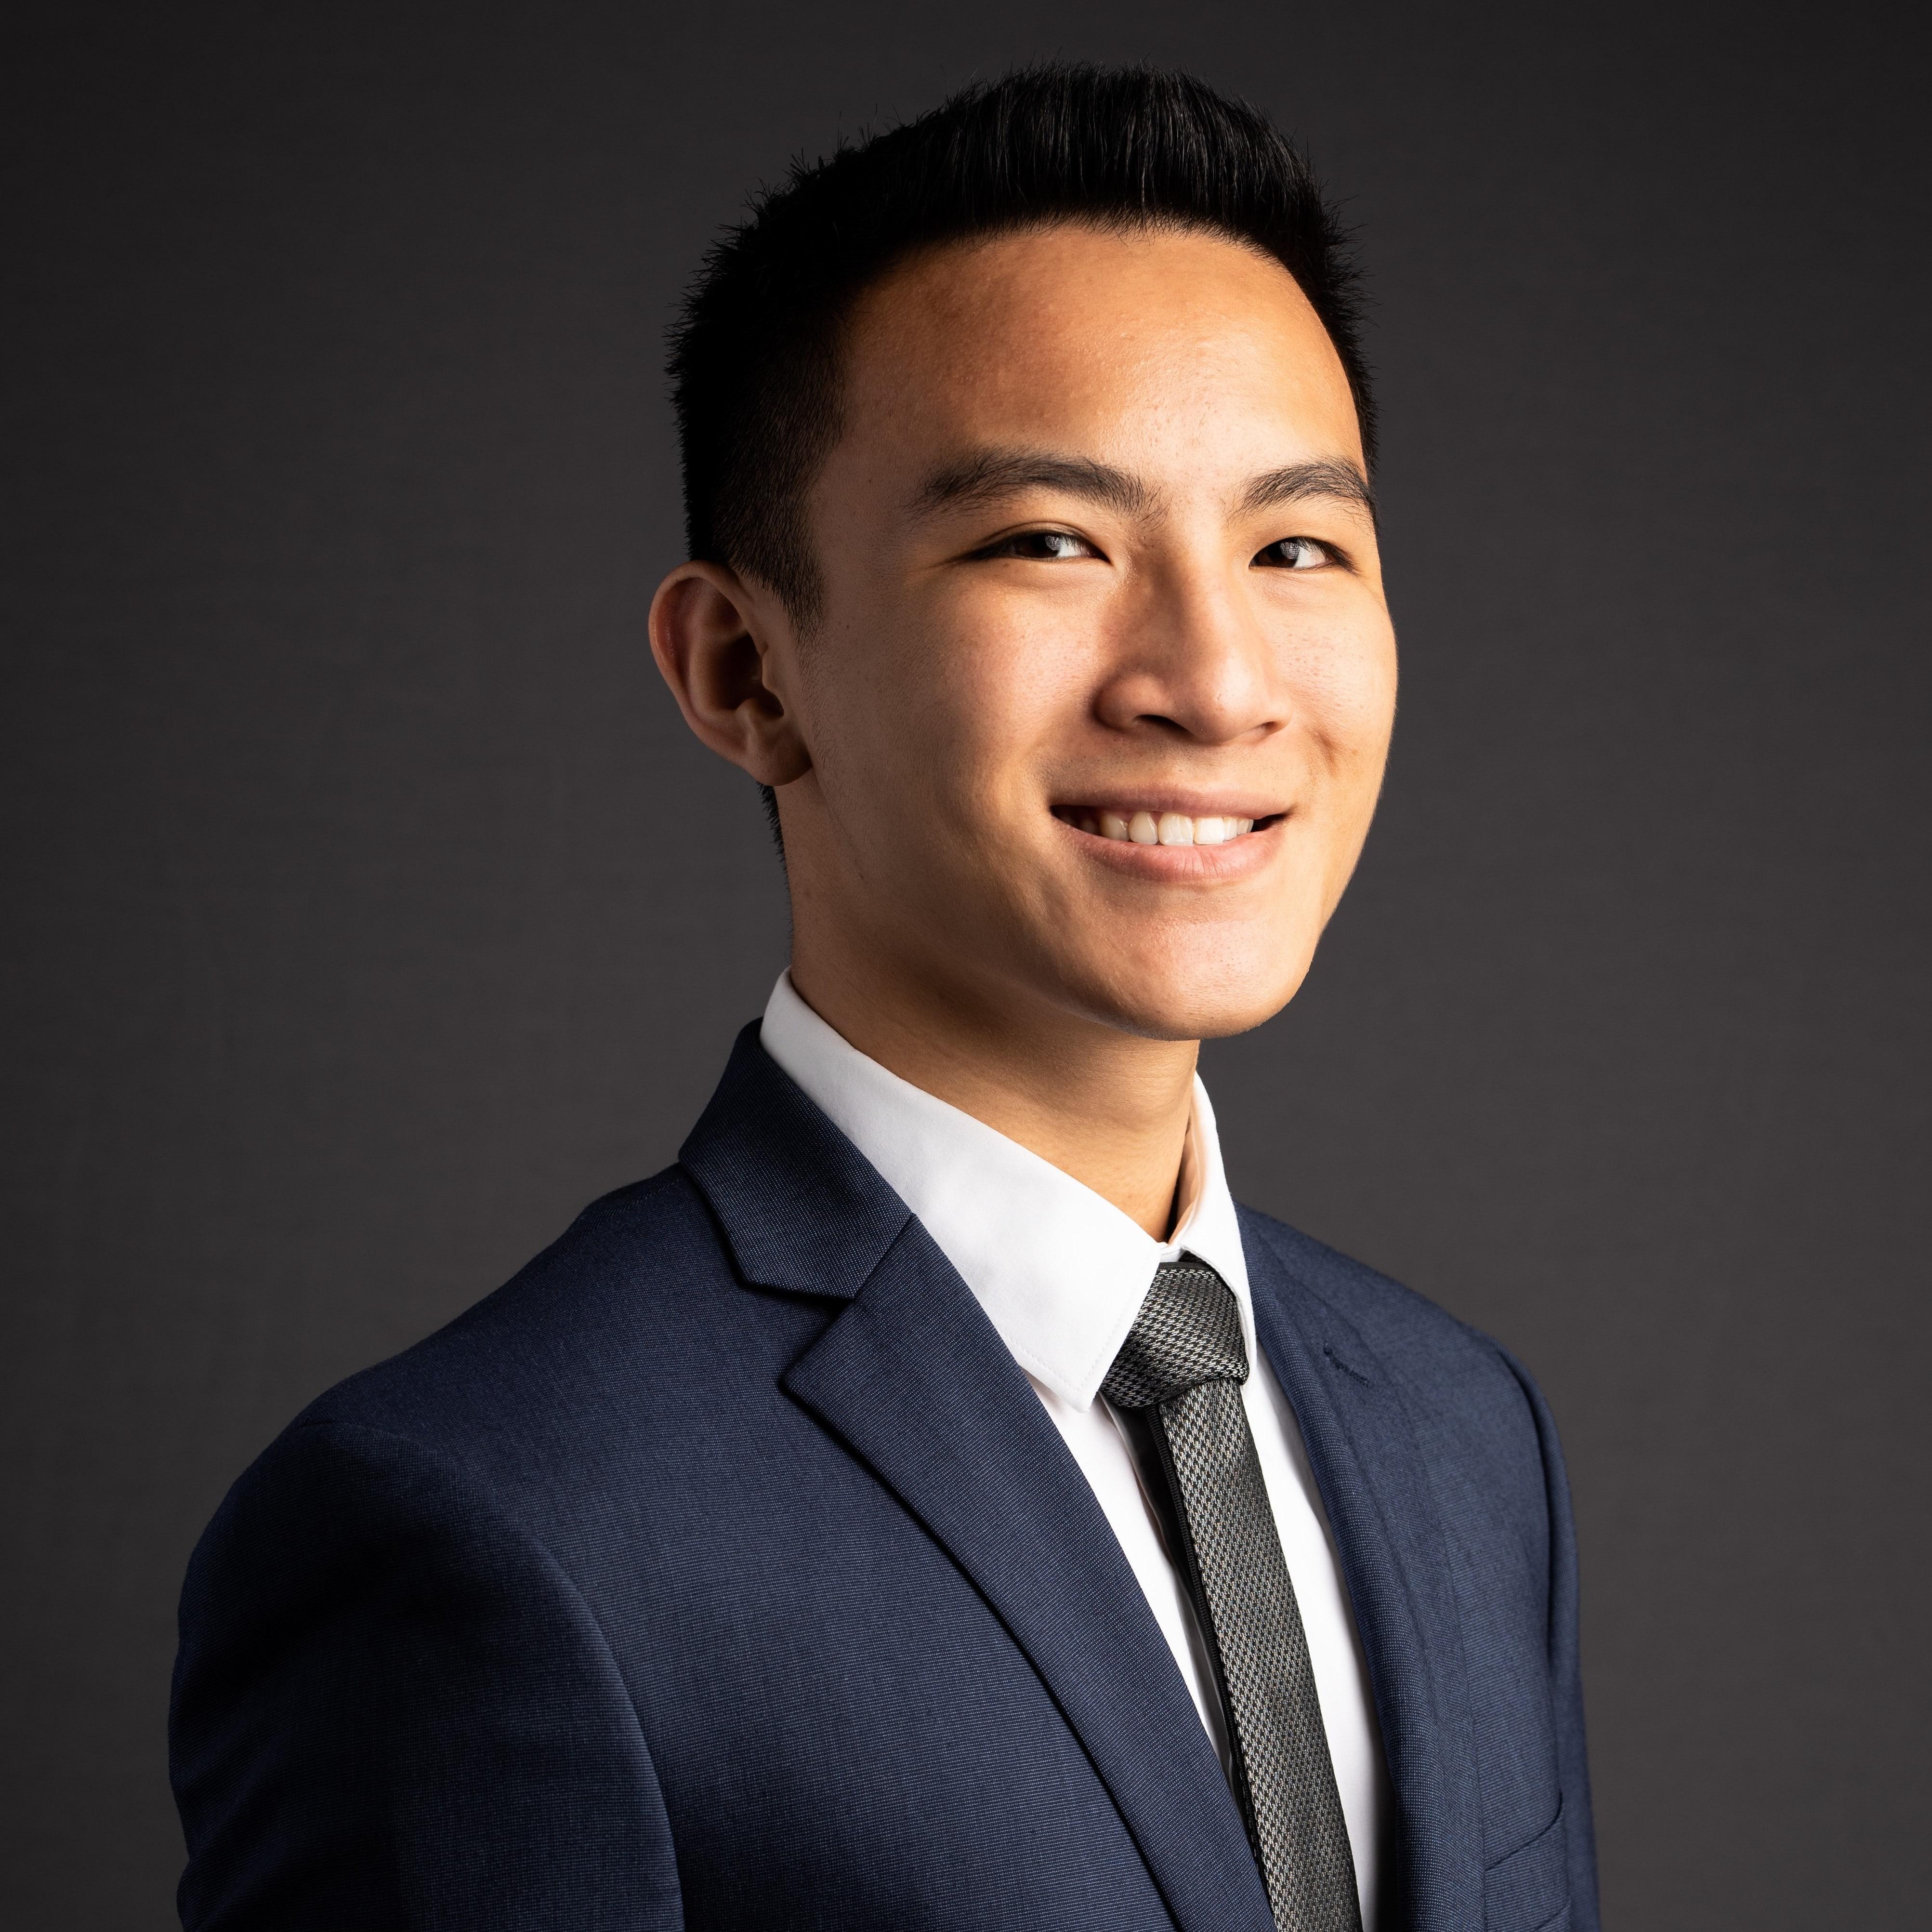 A headshot of Brian Hoang.